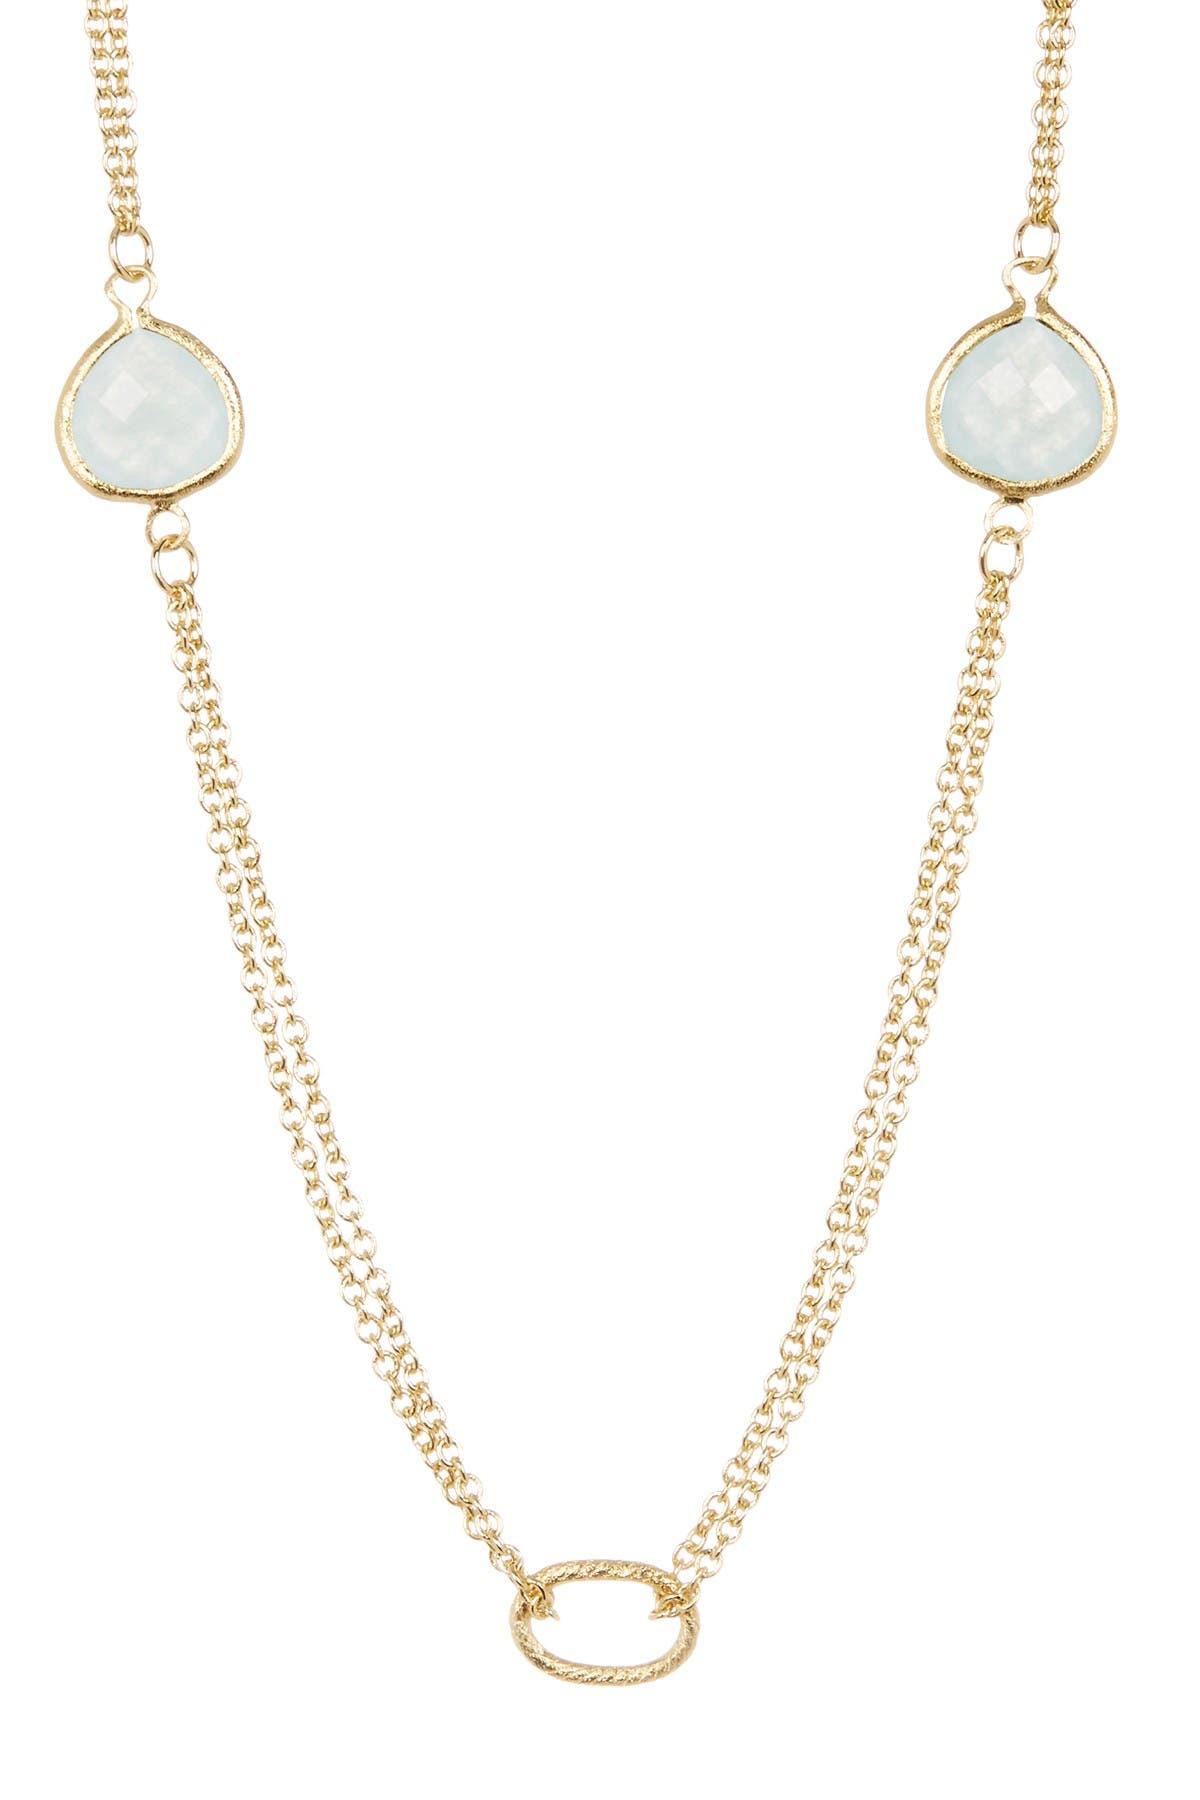 Image of Rivka Friedman 18K Gold Clad Quartize Link Necklace